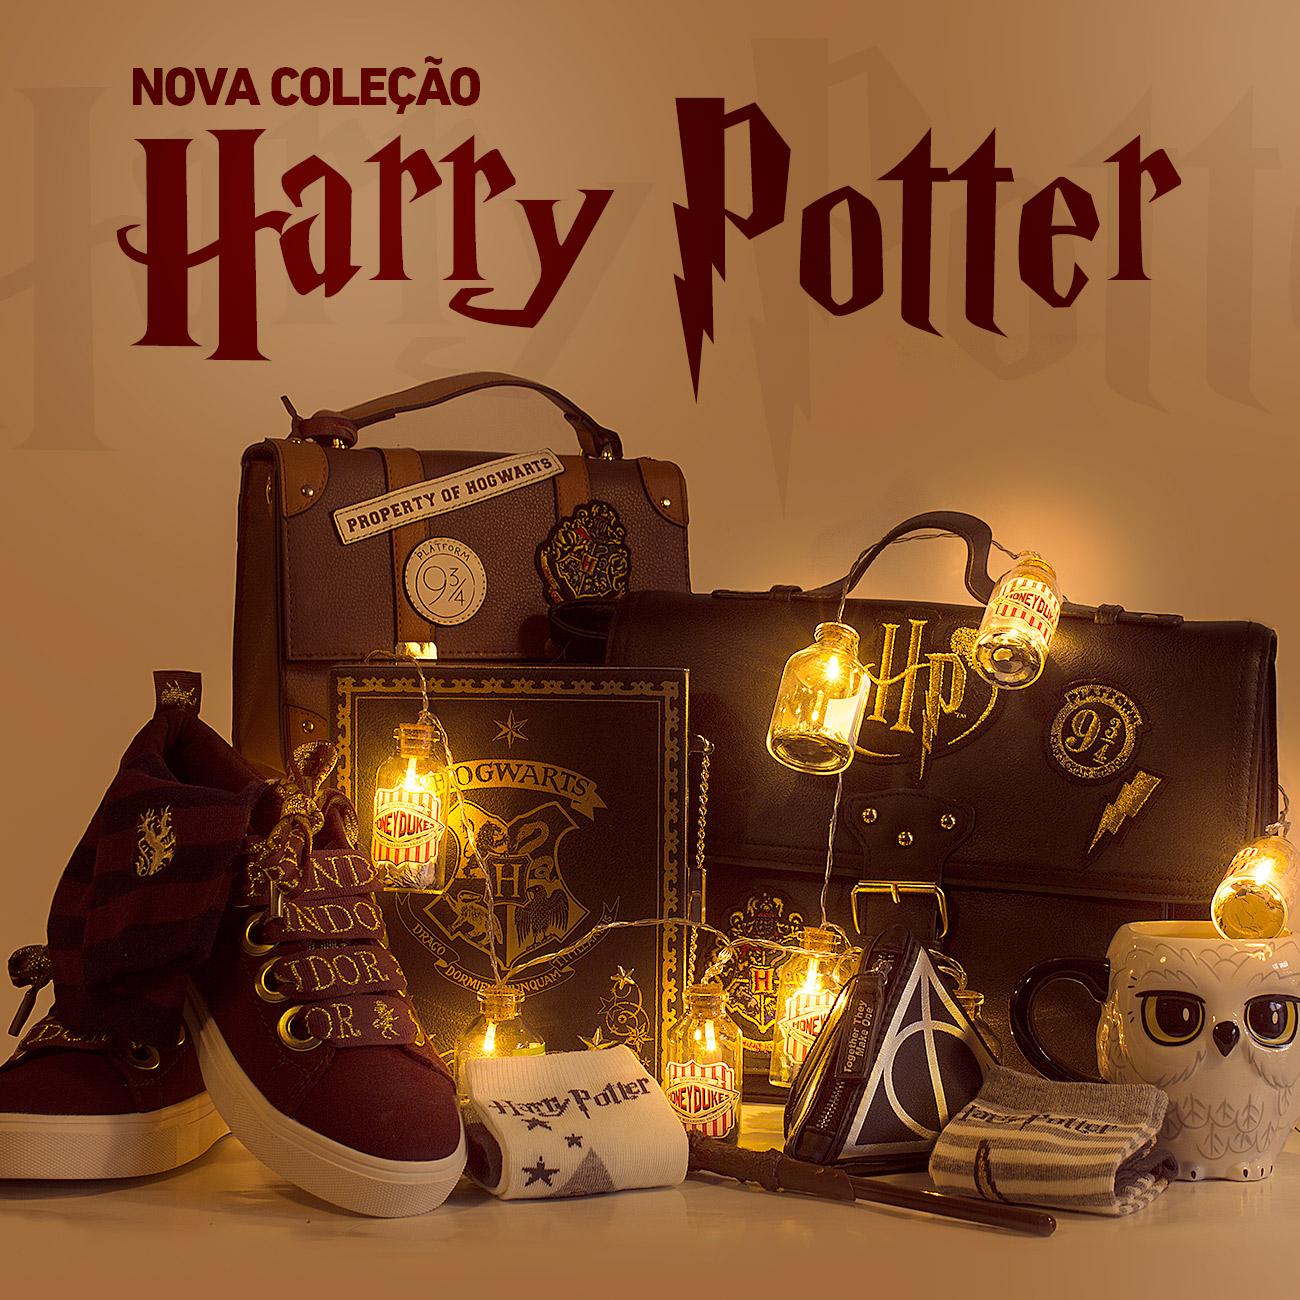 Nova coleção Harry Potter